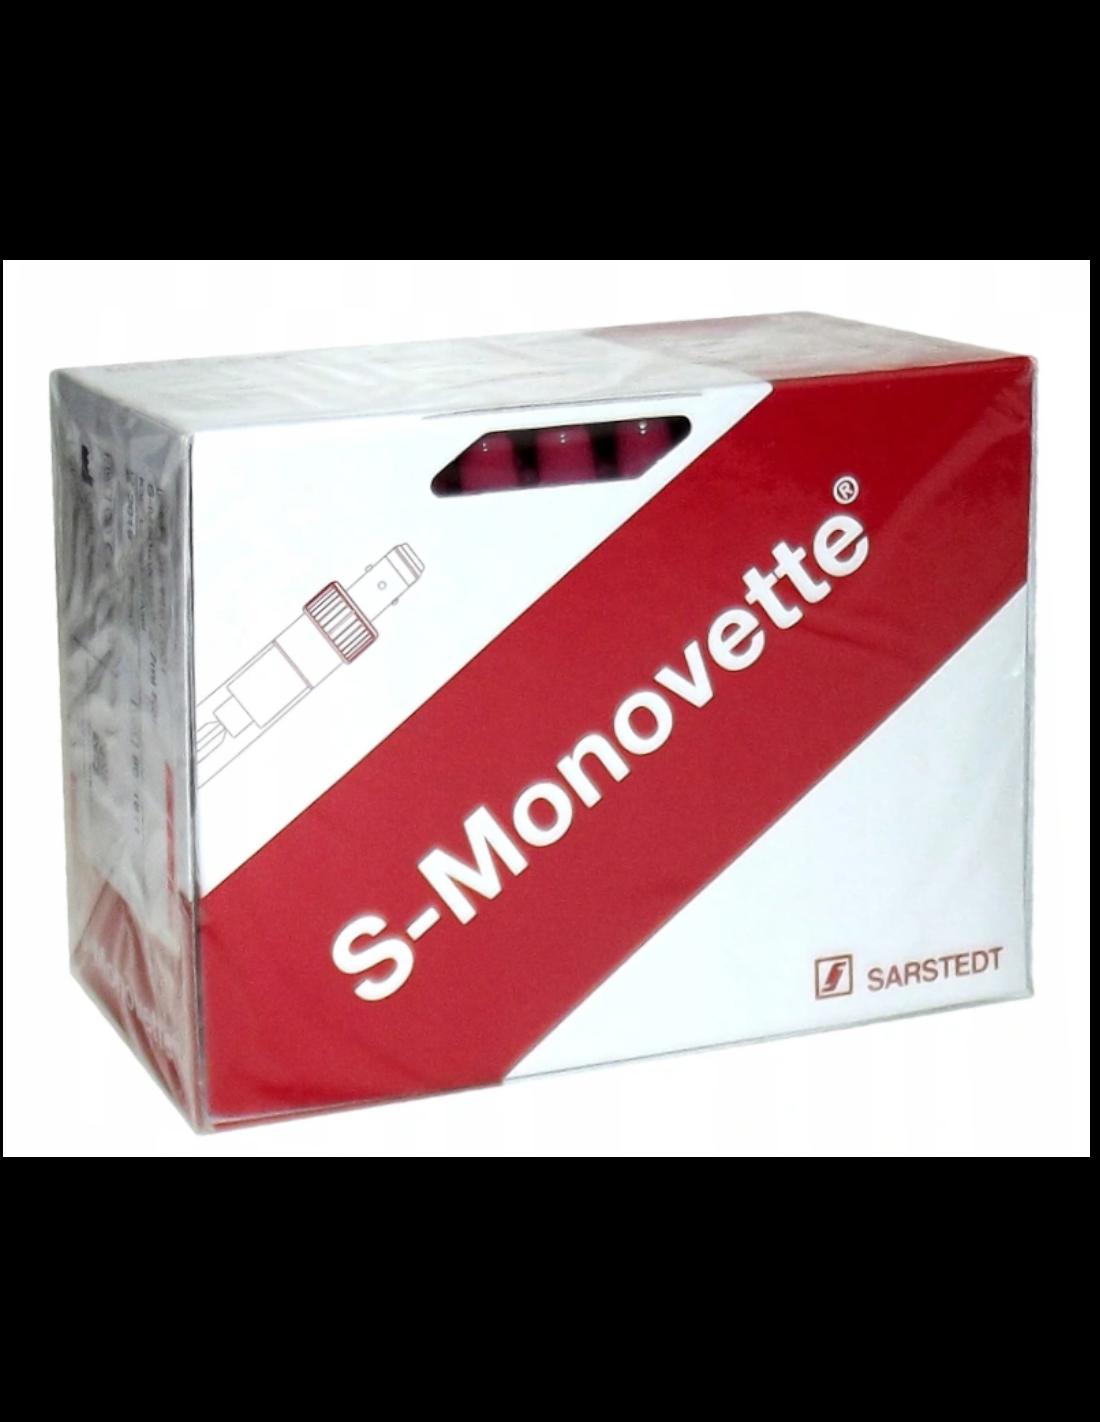 PROBÓWKO-STRZYKAWKI SARSTEDT S-MONOVETTE 7,5 ML EDTA-3K  (CZERWONY KOREK), OP. 50 SZT.